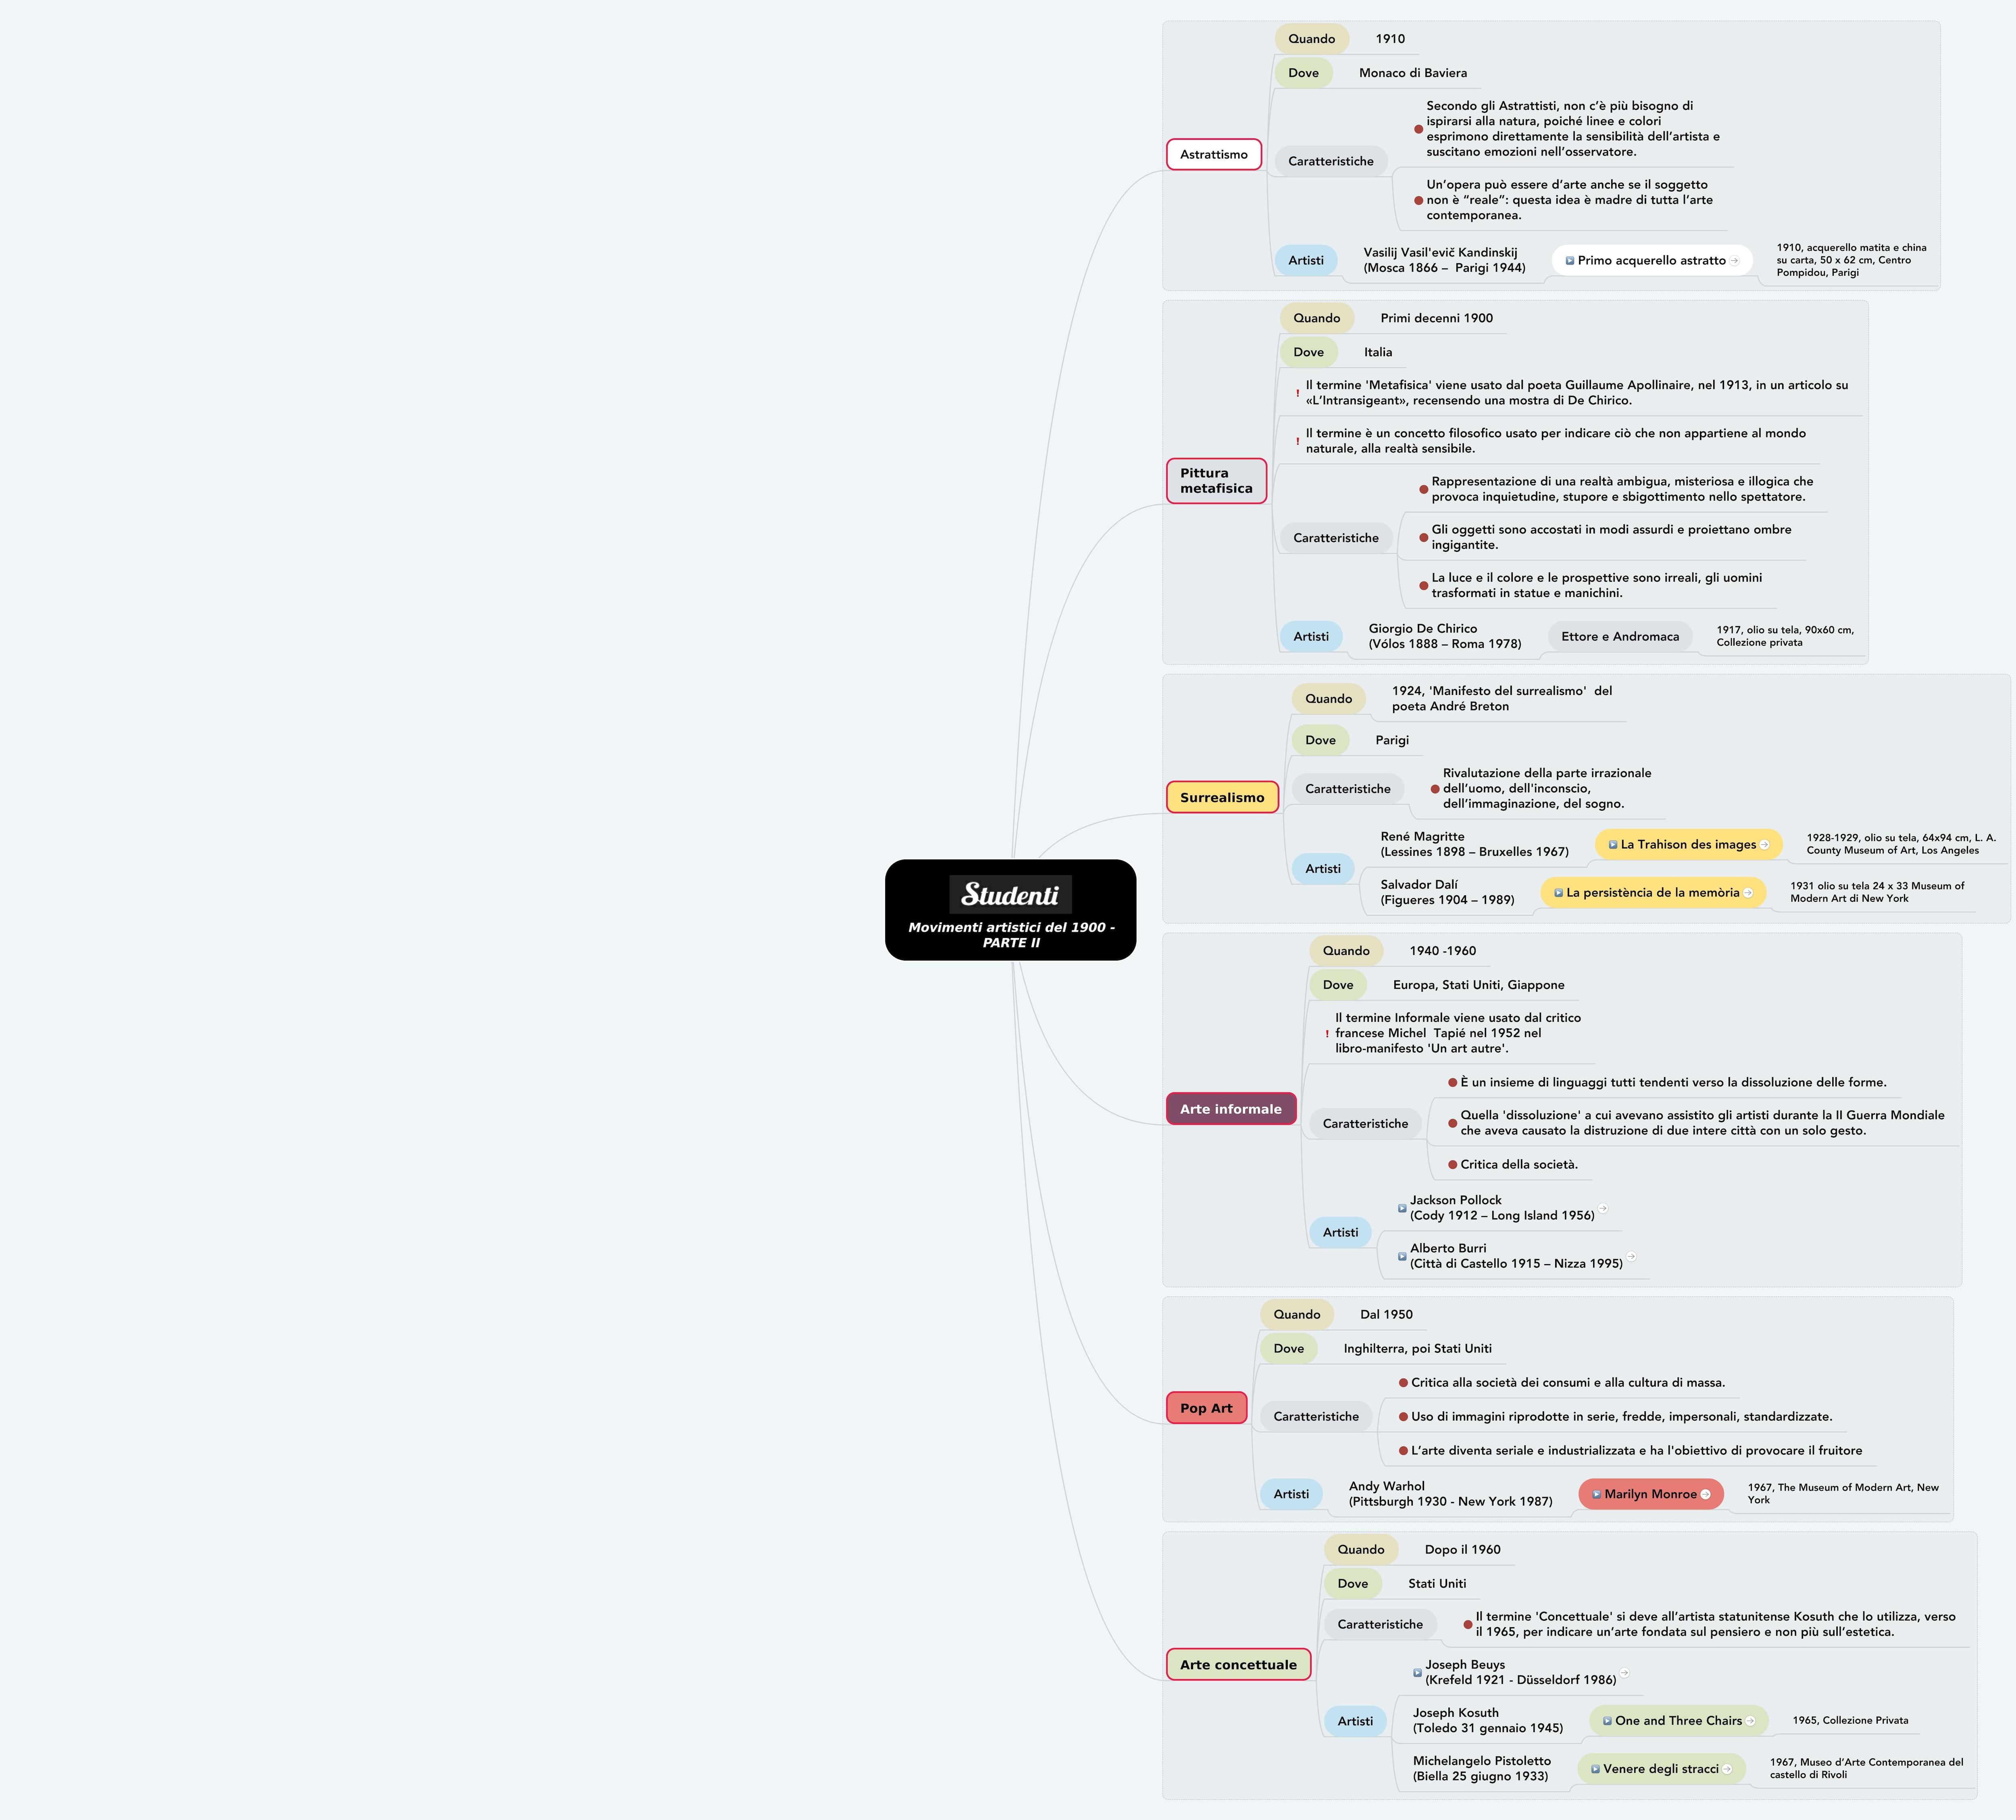 Mappa concettuale sui movimenti artistici del '900, seconda parte